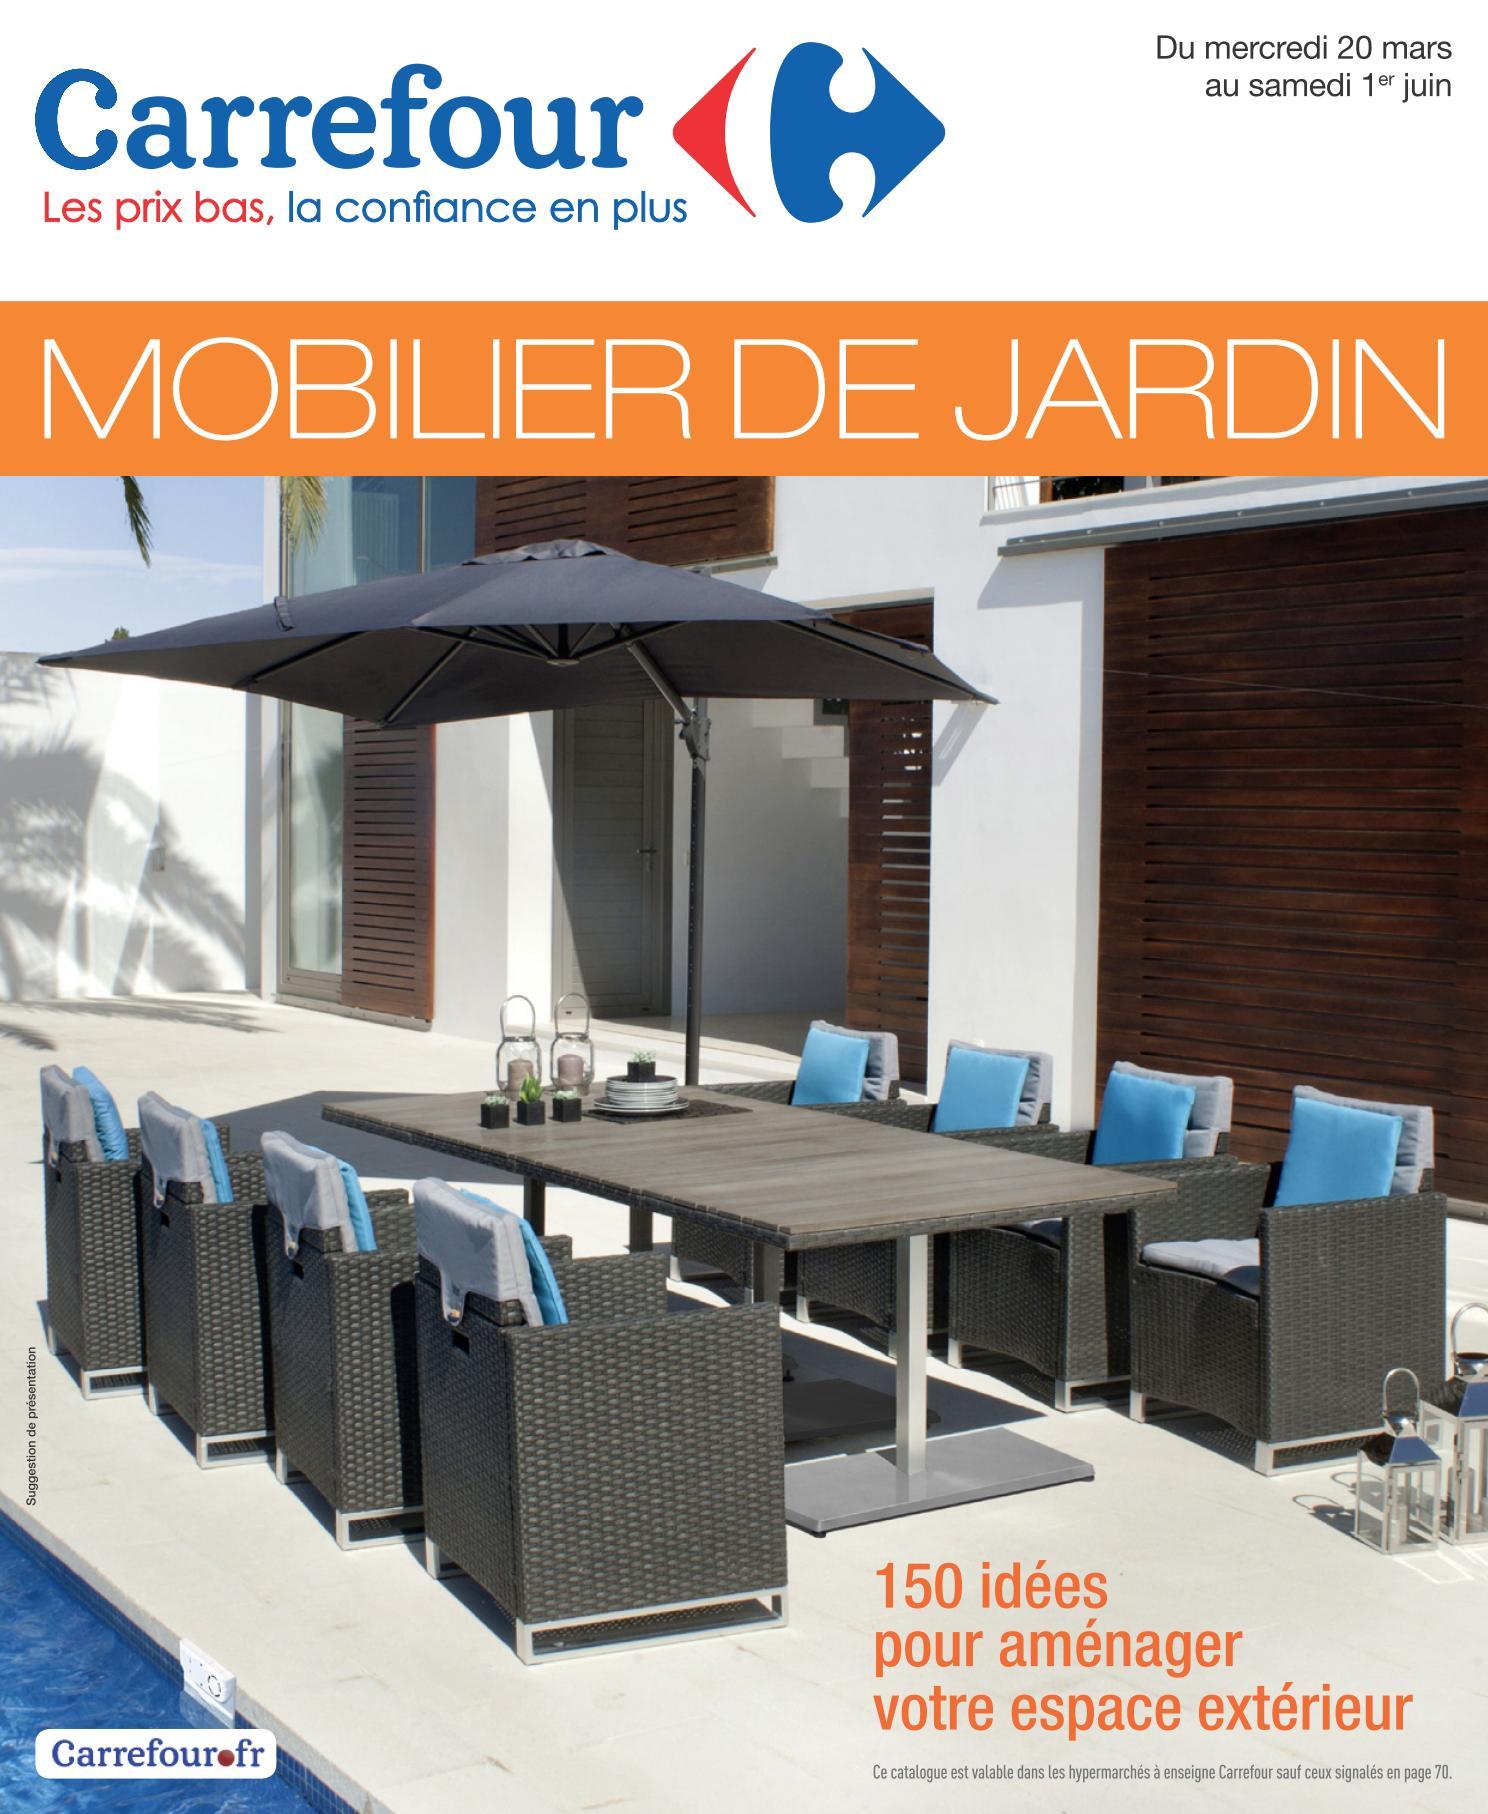 Salon De Jardin A Carrefour - The Best Undercut Ponytail pour Salon De Jardin Carrefour Market